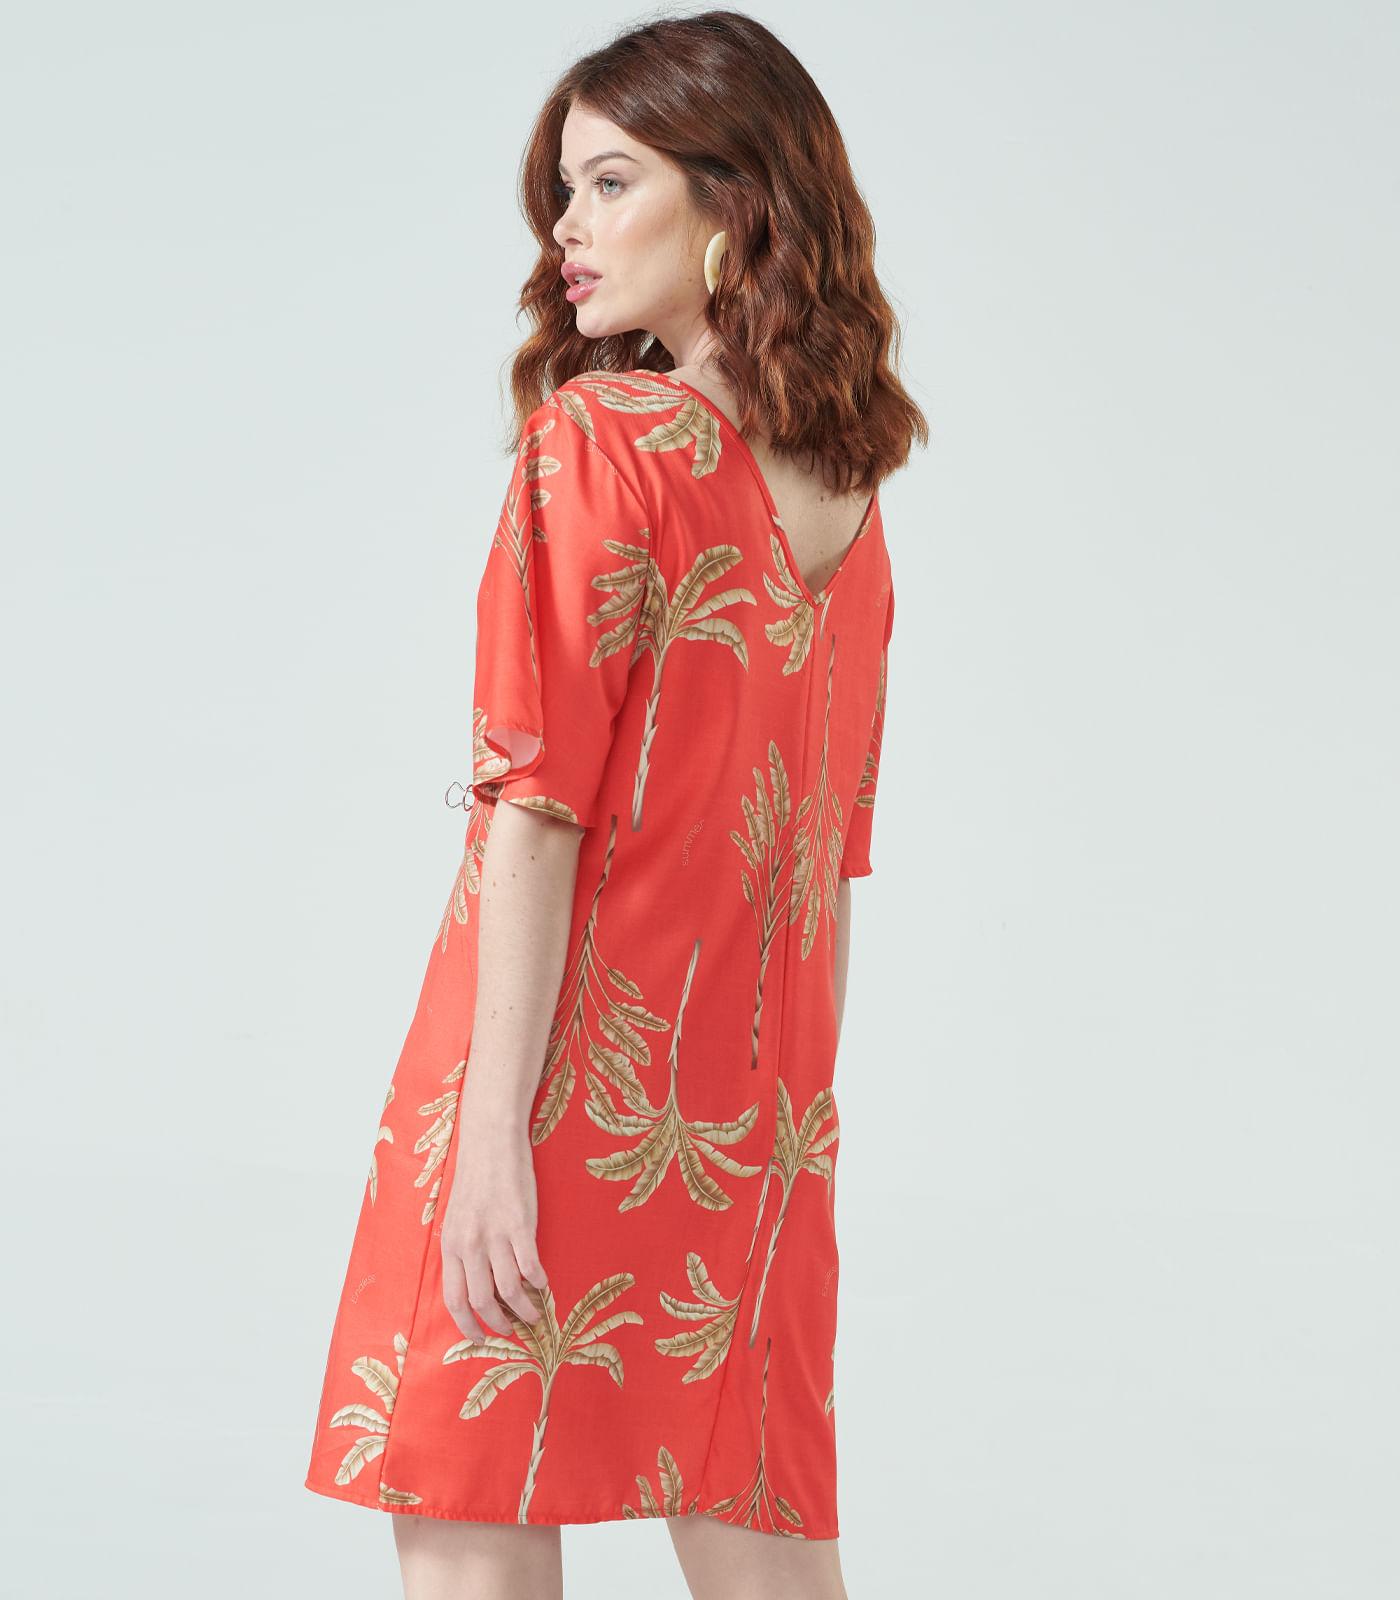 Vestido-Feminino-Coqueiros-Endless-Vermelho